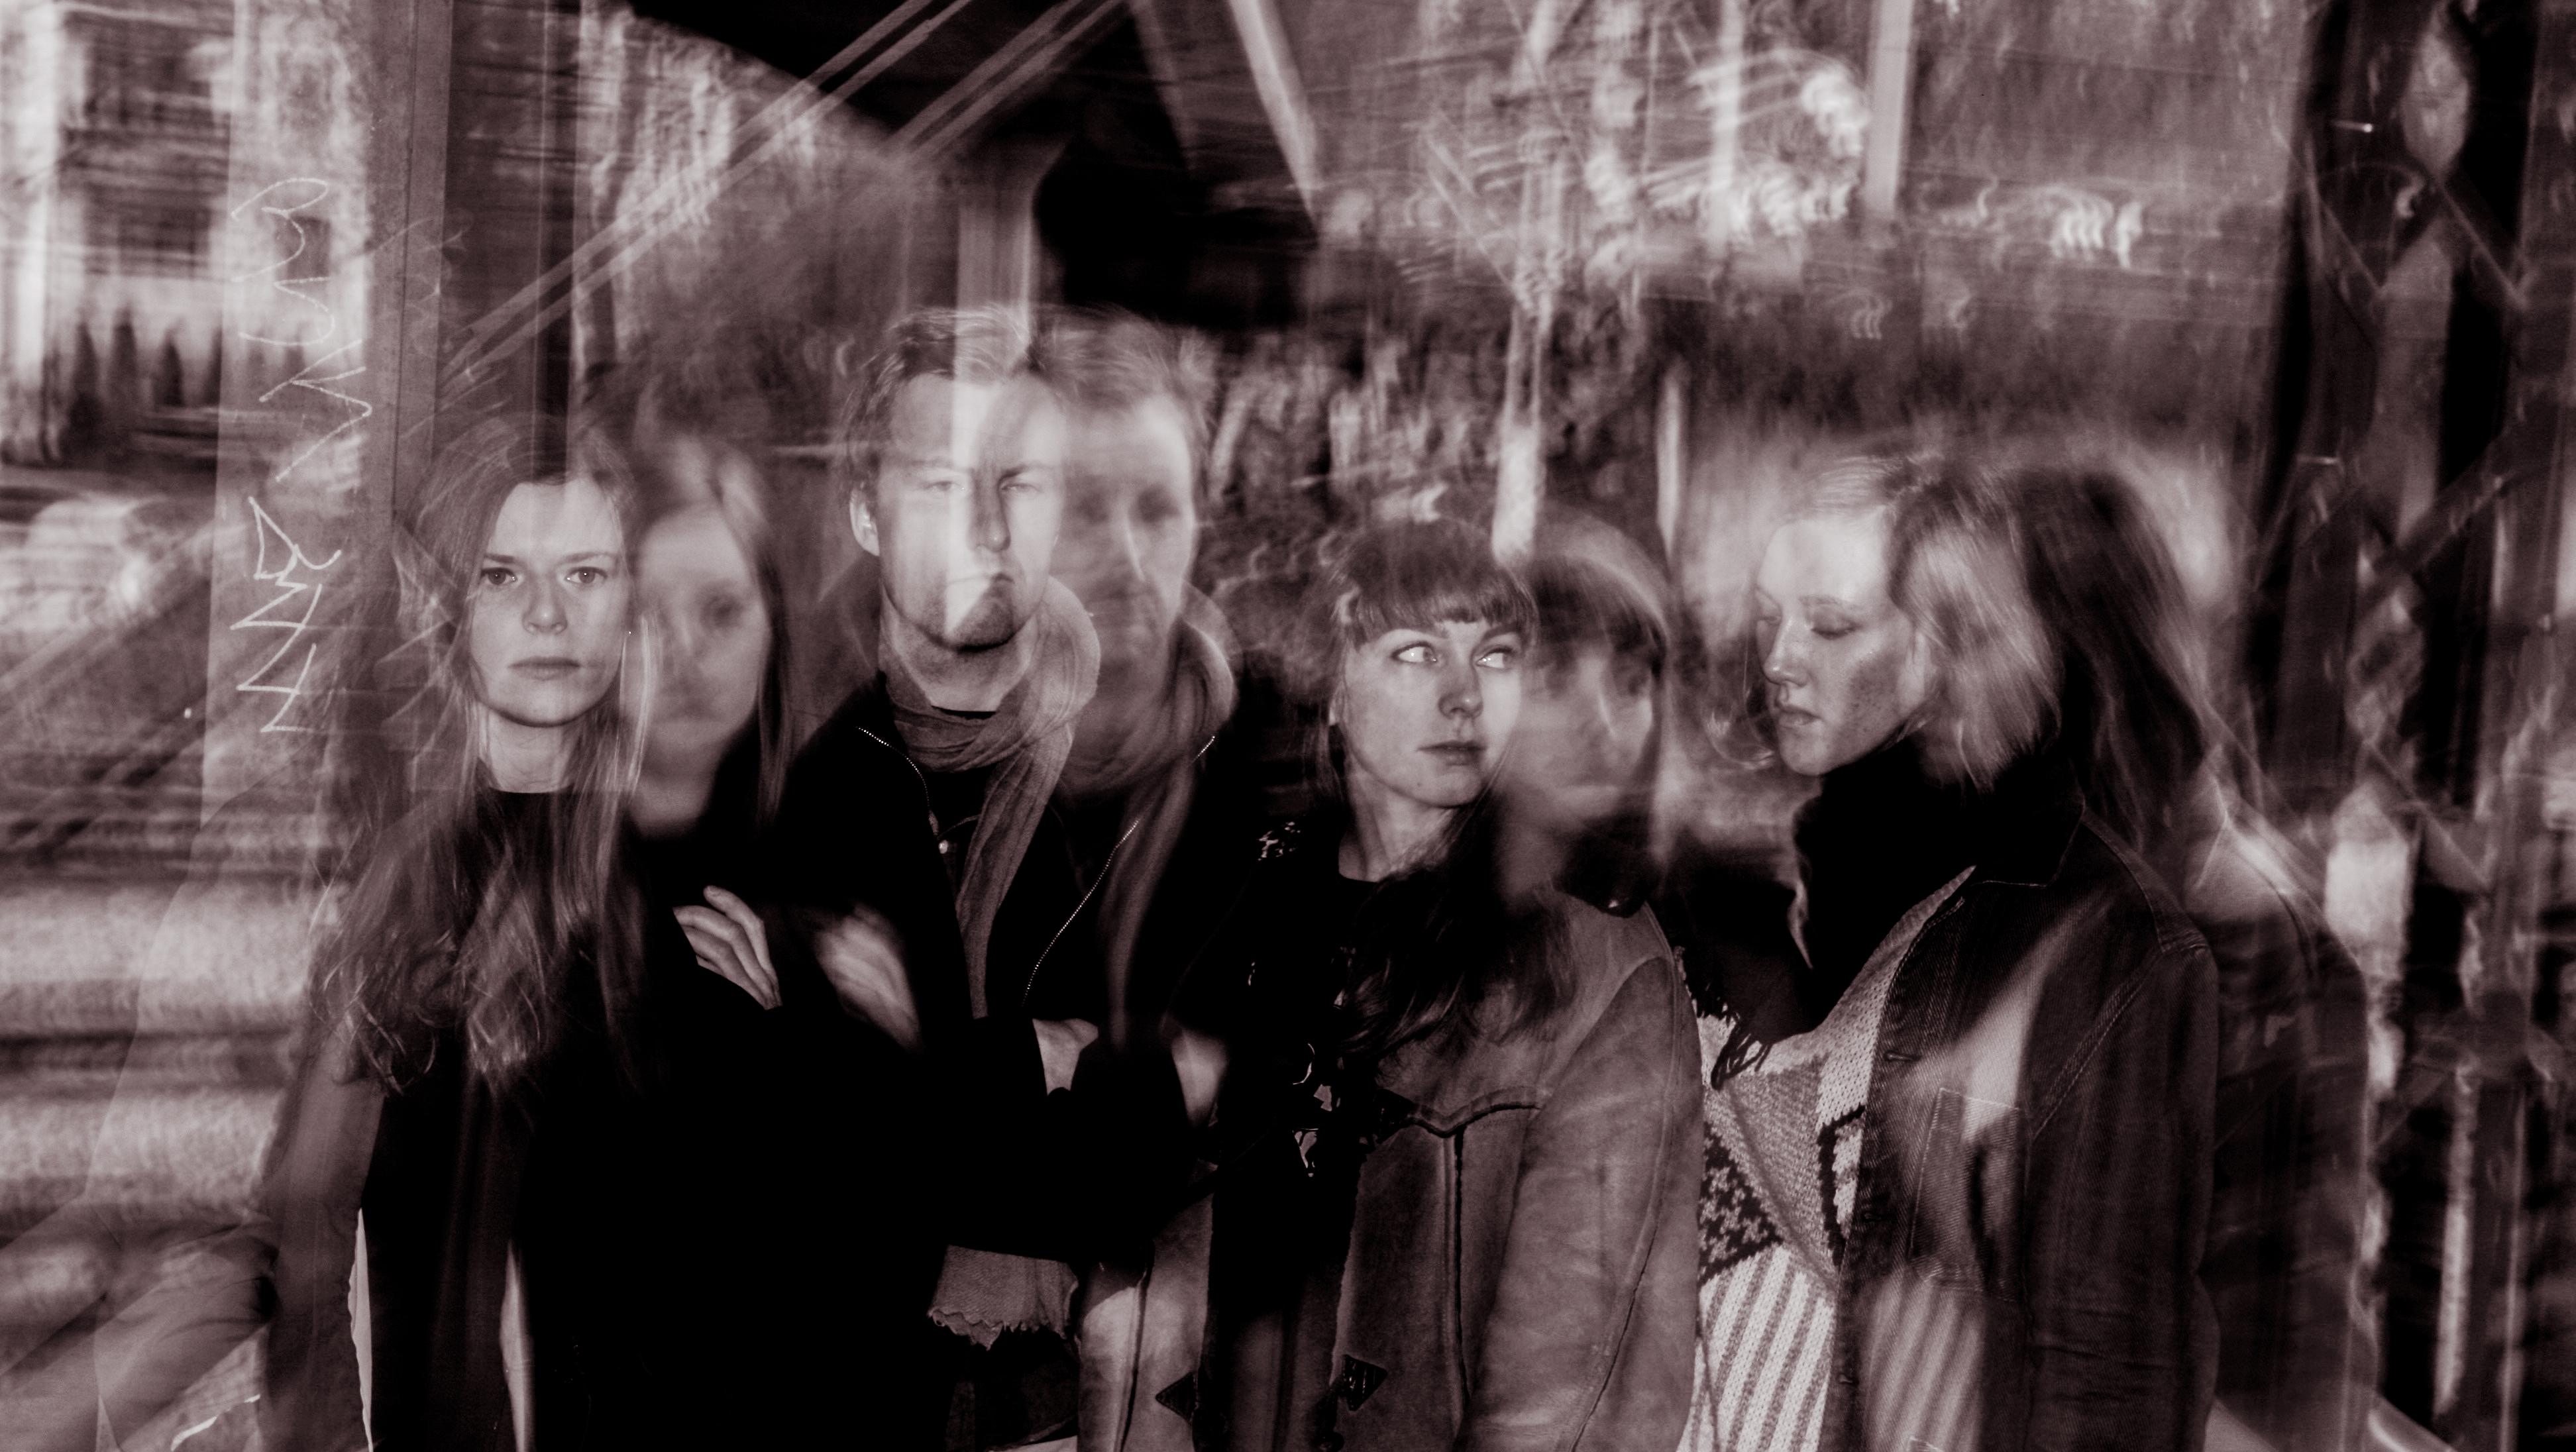 Folkehelsa slipper første singel 8. mars